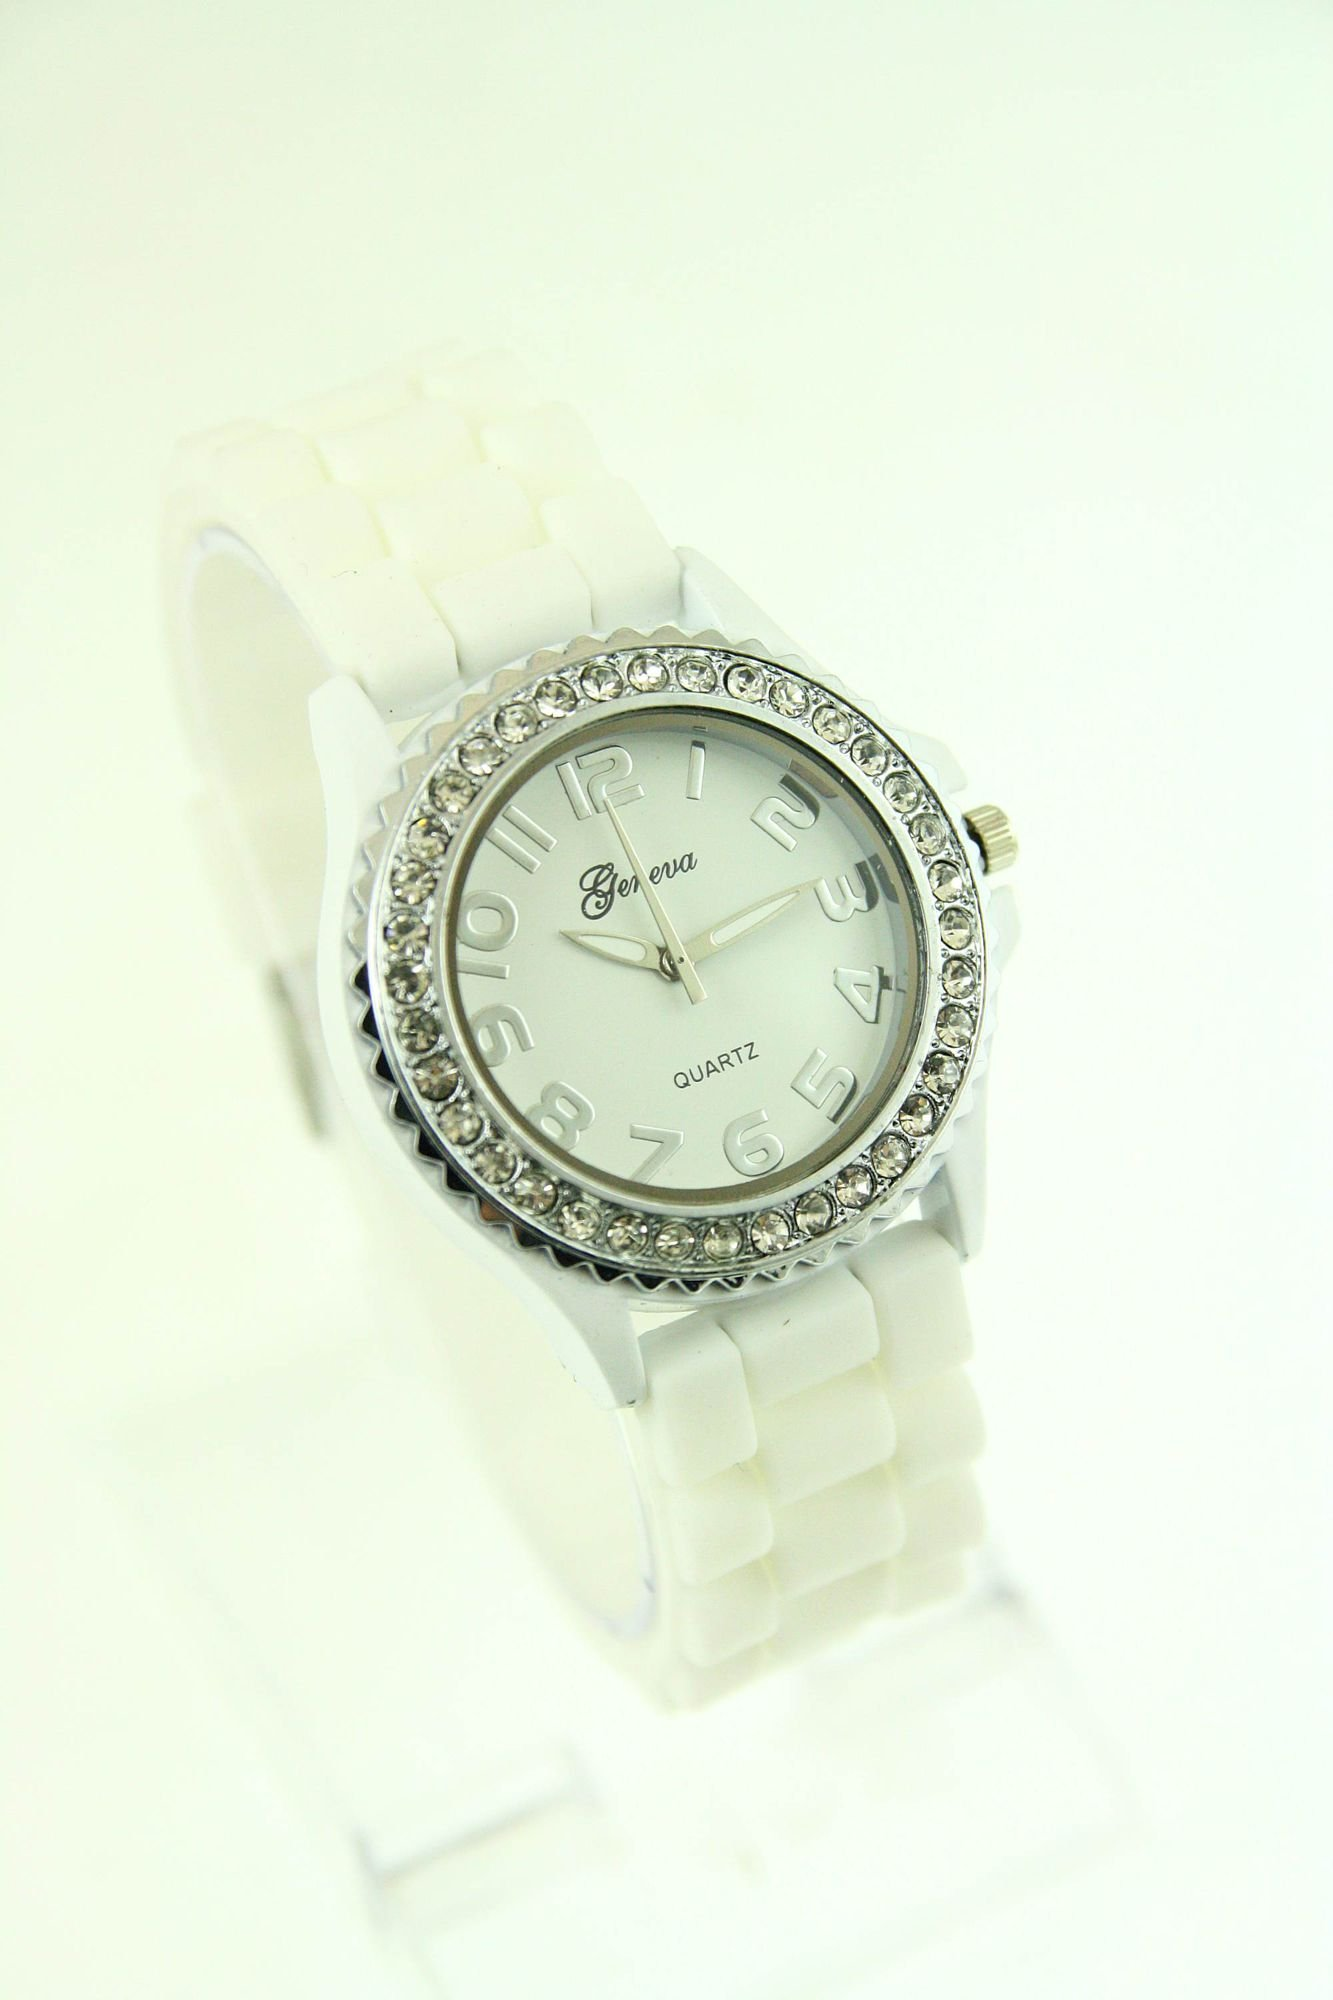 Biały zegarek damski na silikonowym pasku                                  zdj.                                  1